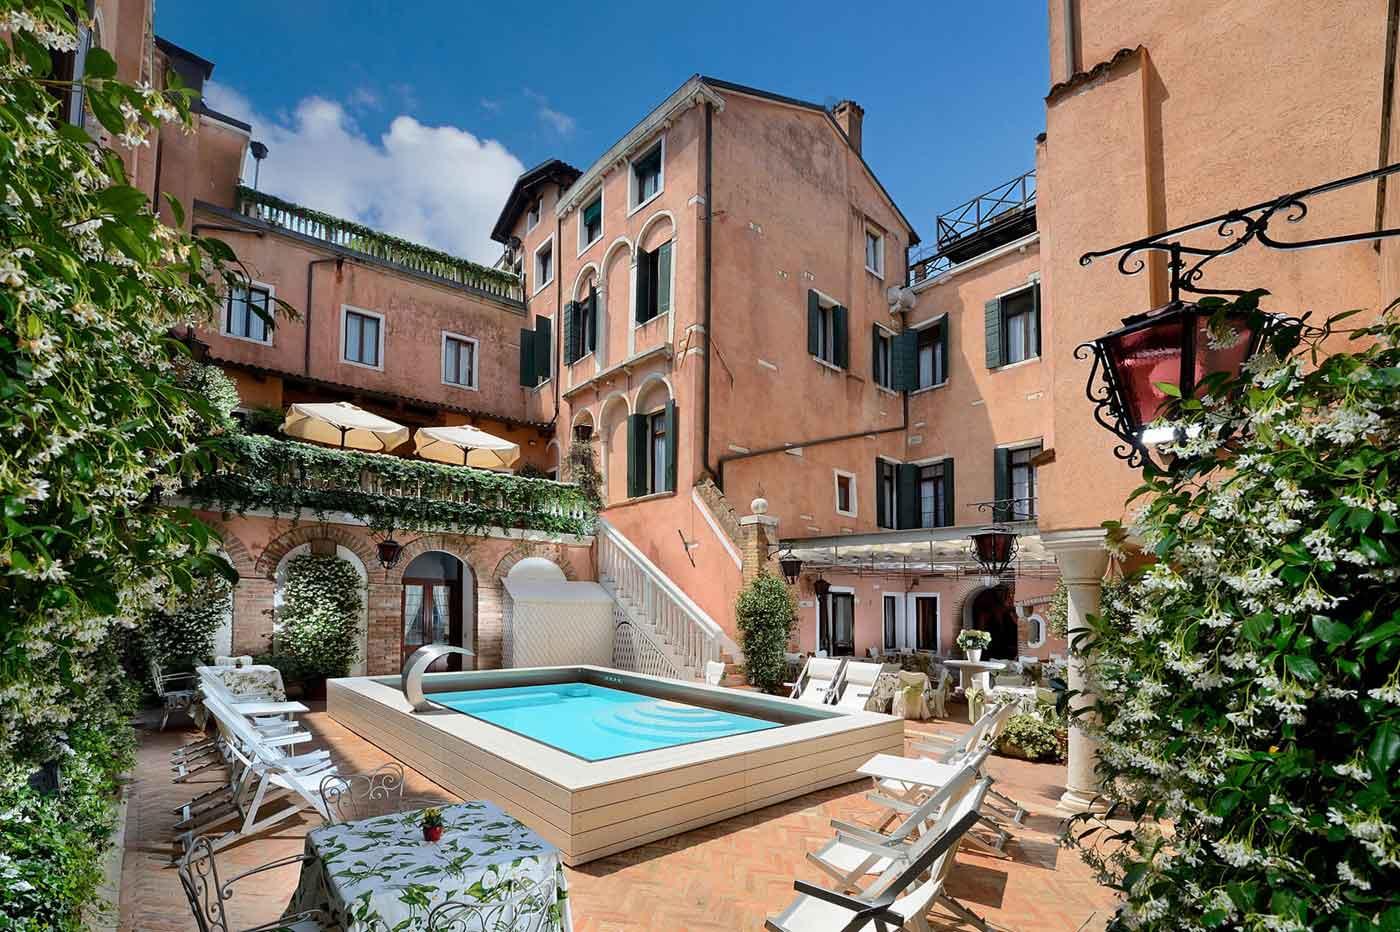 4 Star hotel Venice - Hotel Giorgione, historic residence in Venice (Italy)